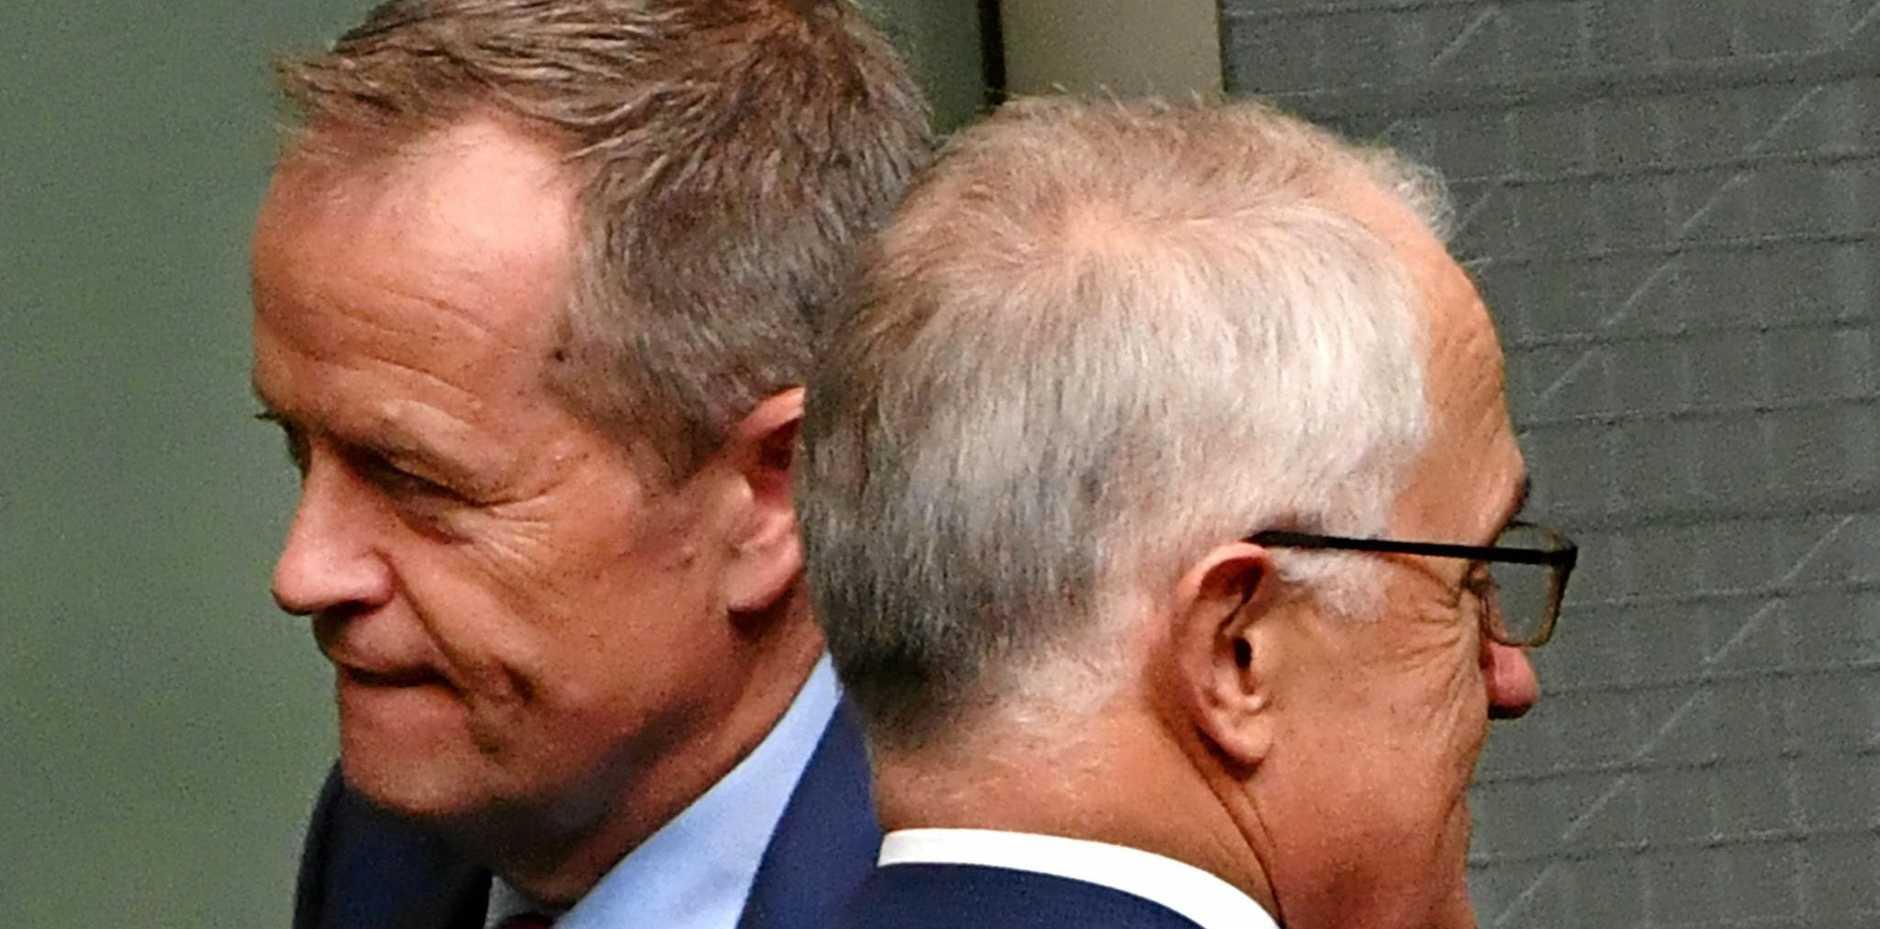 TRIBAL - Opposition Leader, Bill Shorten and Prime Minister Malcolm Turnbull